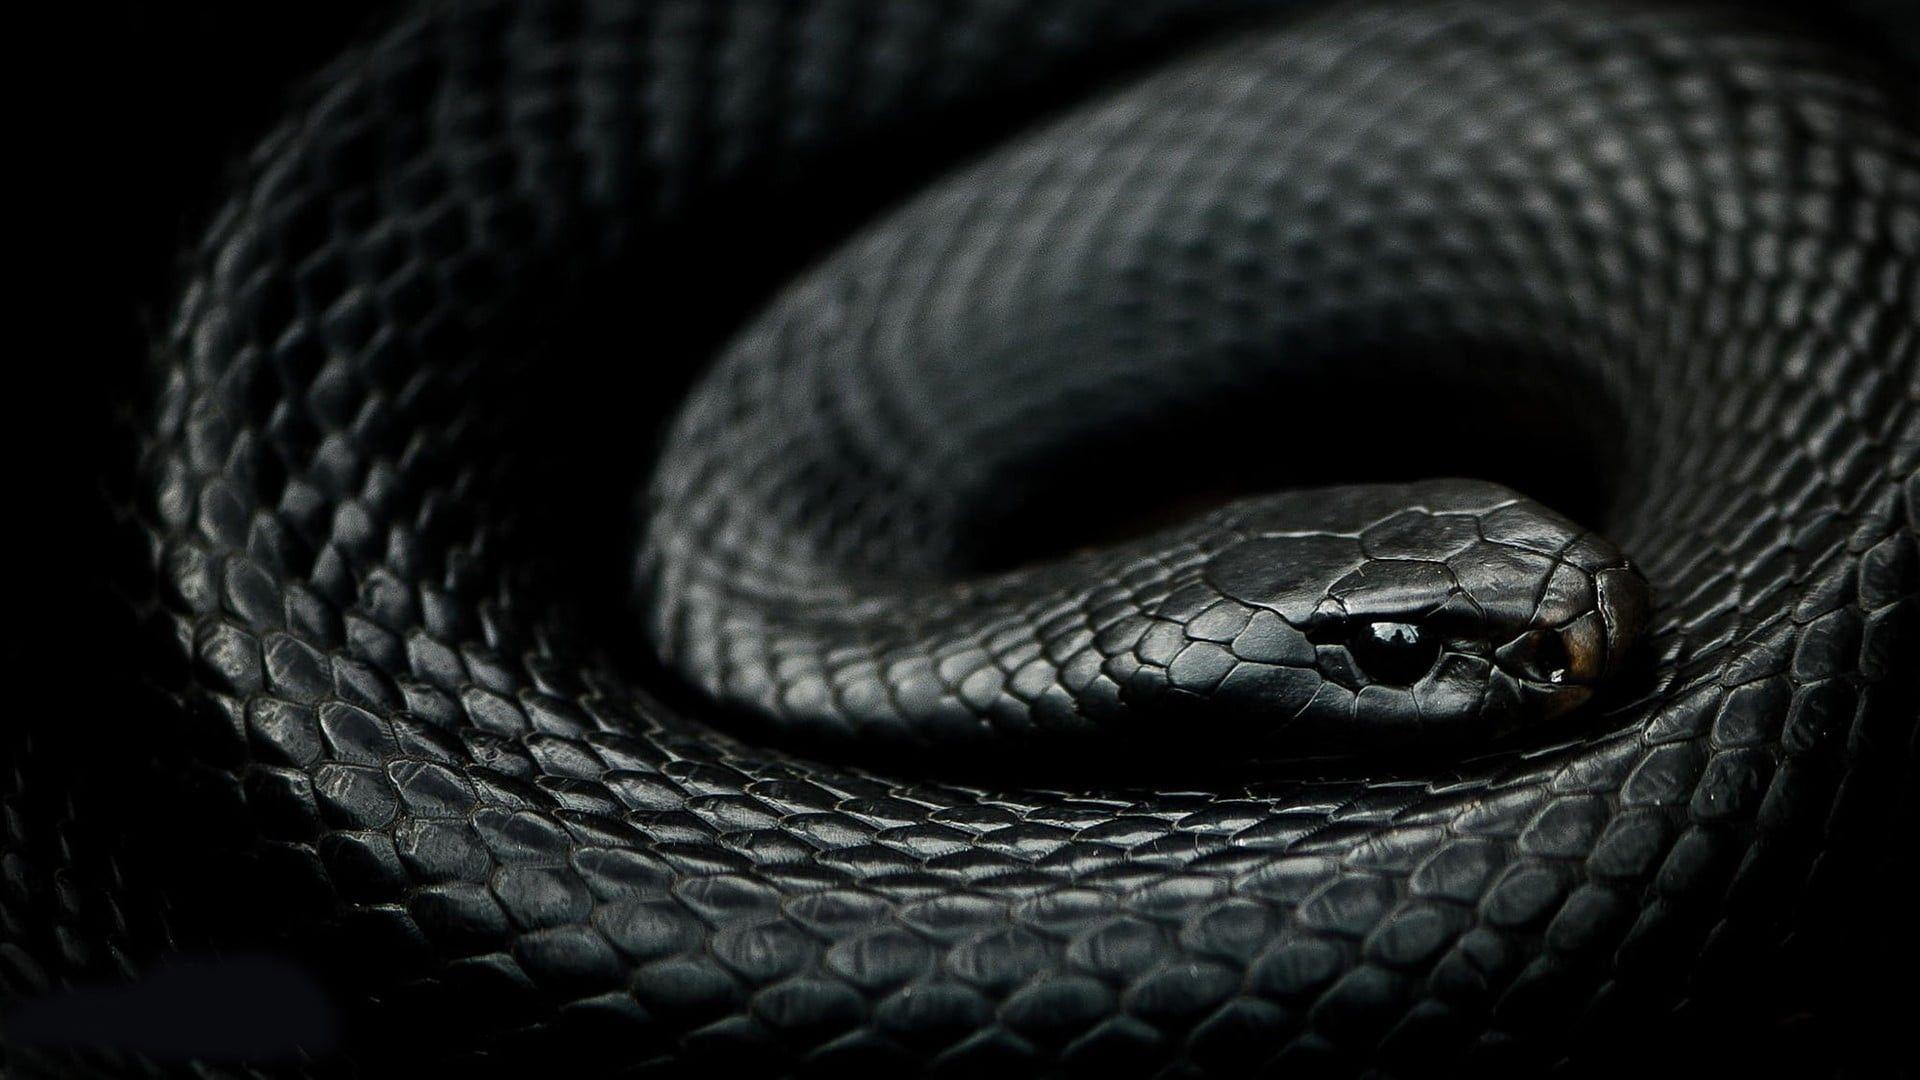 Red Bellied Black Snake Snake Wallpaper Black Mamba Snake Red And Black Snake